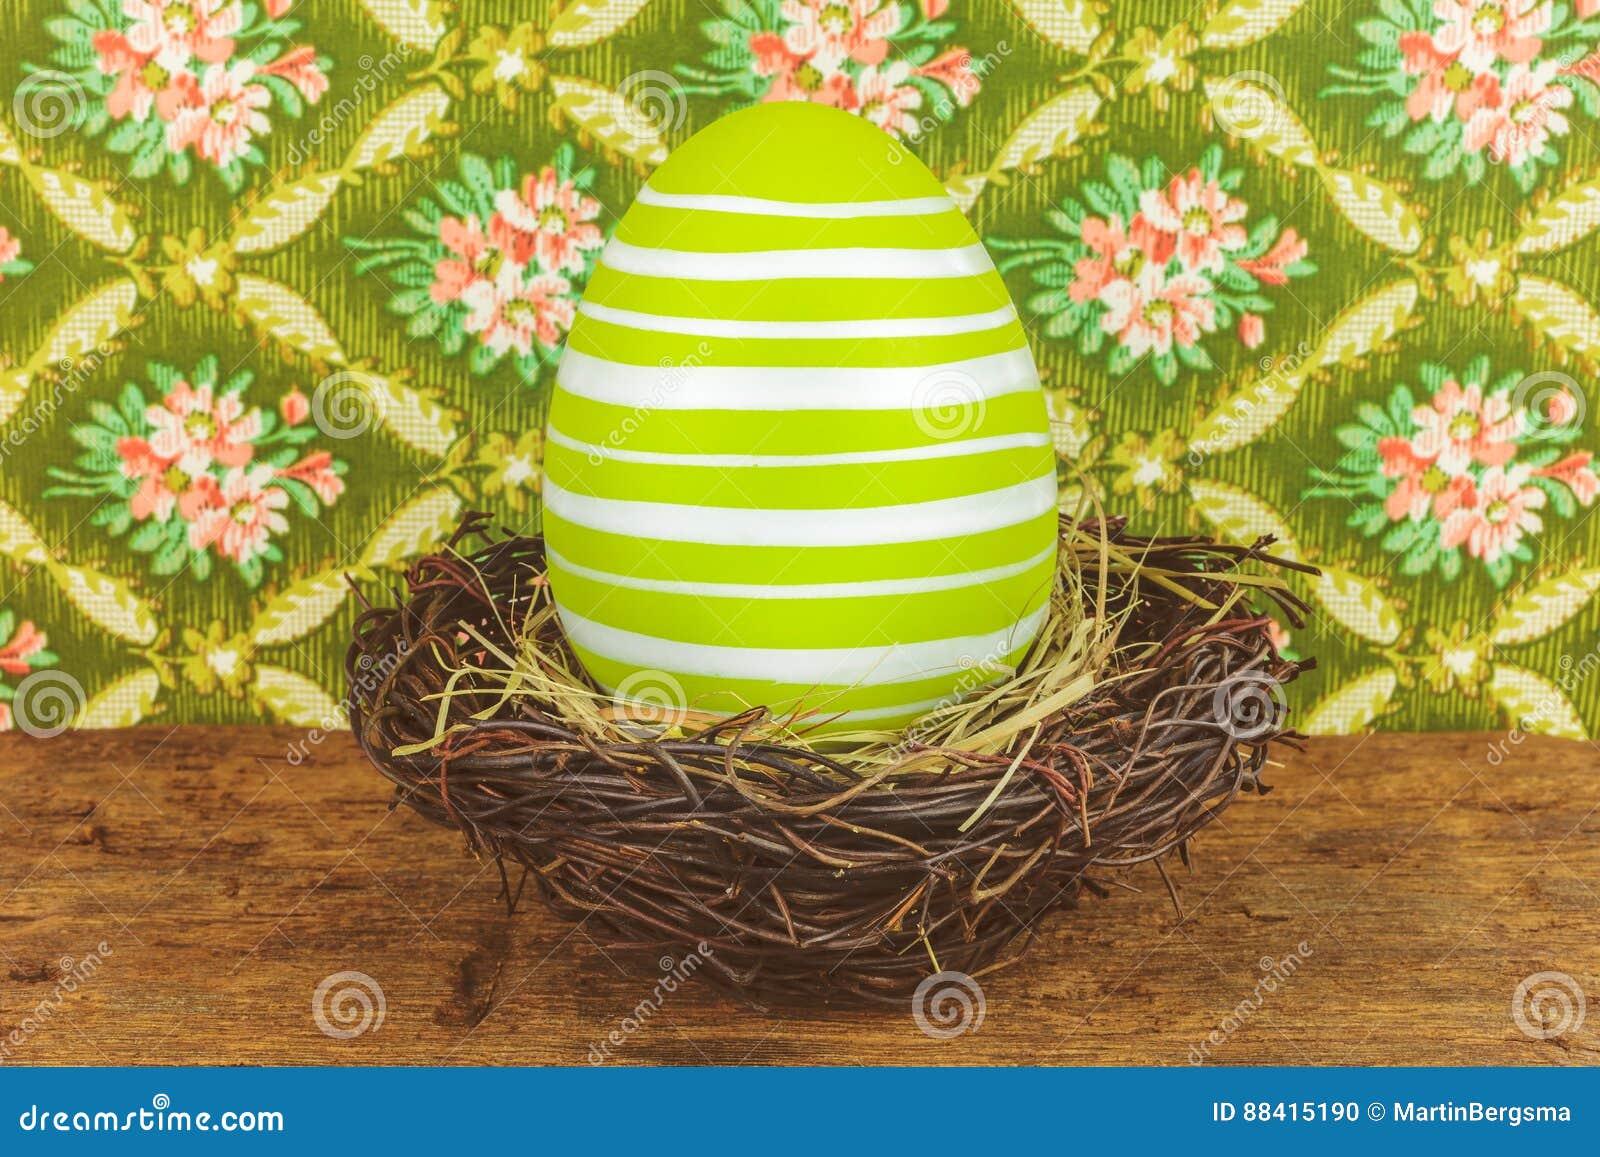 Зеленый цвет покрасил большое пасхальное яйцо в гнезде птицы на деревянном столе